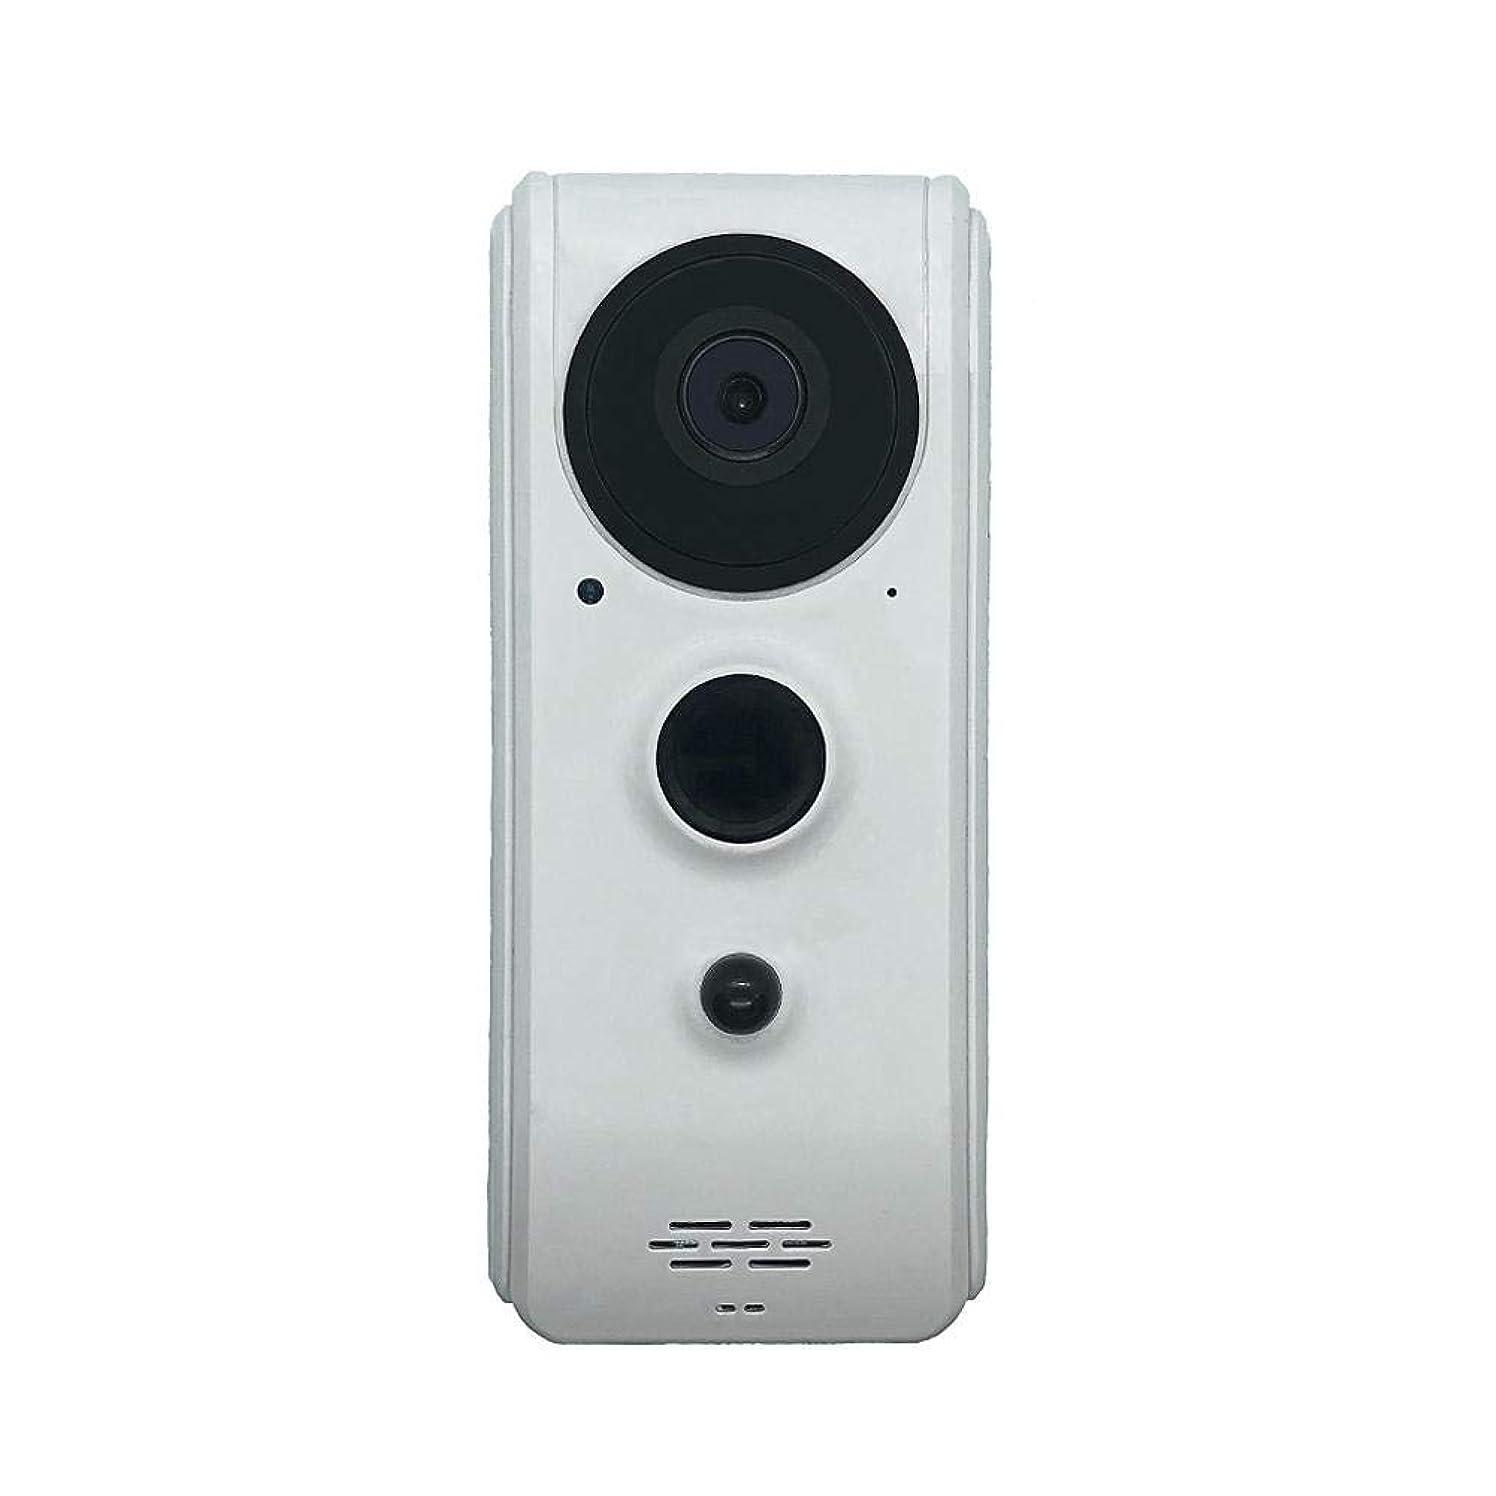 仮装費やすしっとり無線ビデオドアベル 可視ドアベル ワイヤレス インテリジェント チャイム WiFi ベル 720P HD スピーカー内蔵 インターホン付き スマホ対応 2色選べる hjuns-Wu